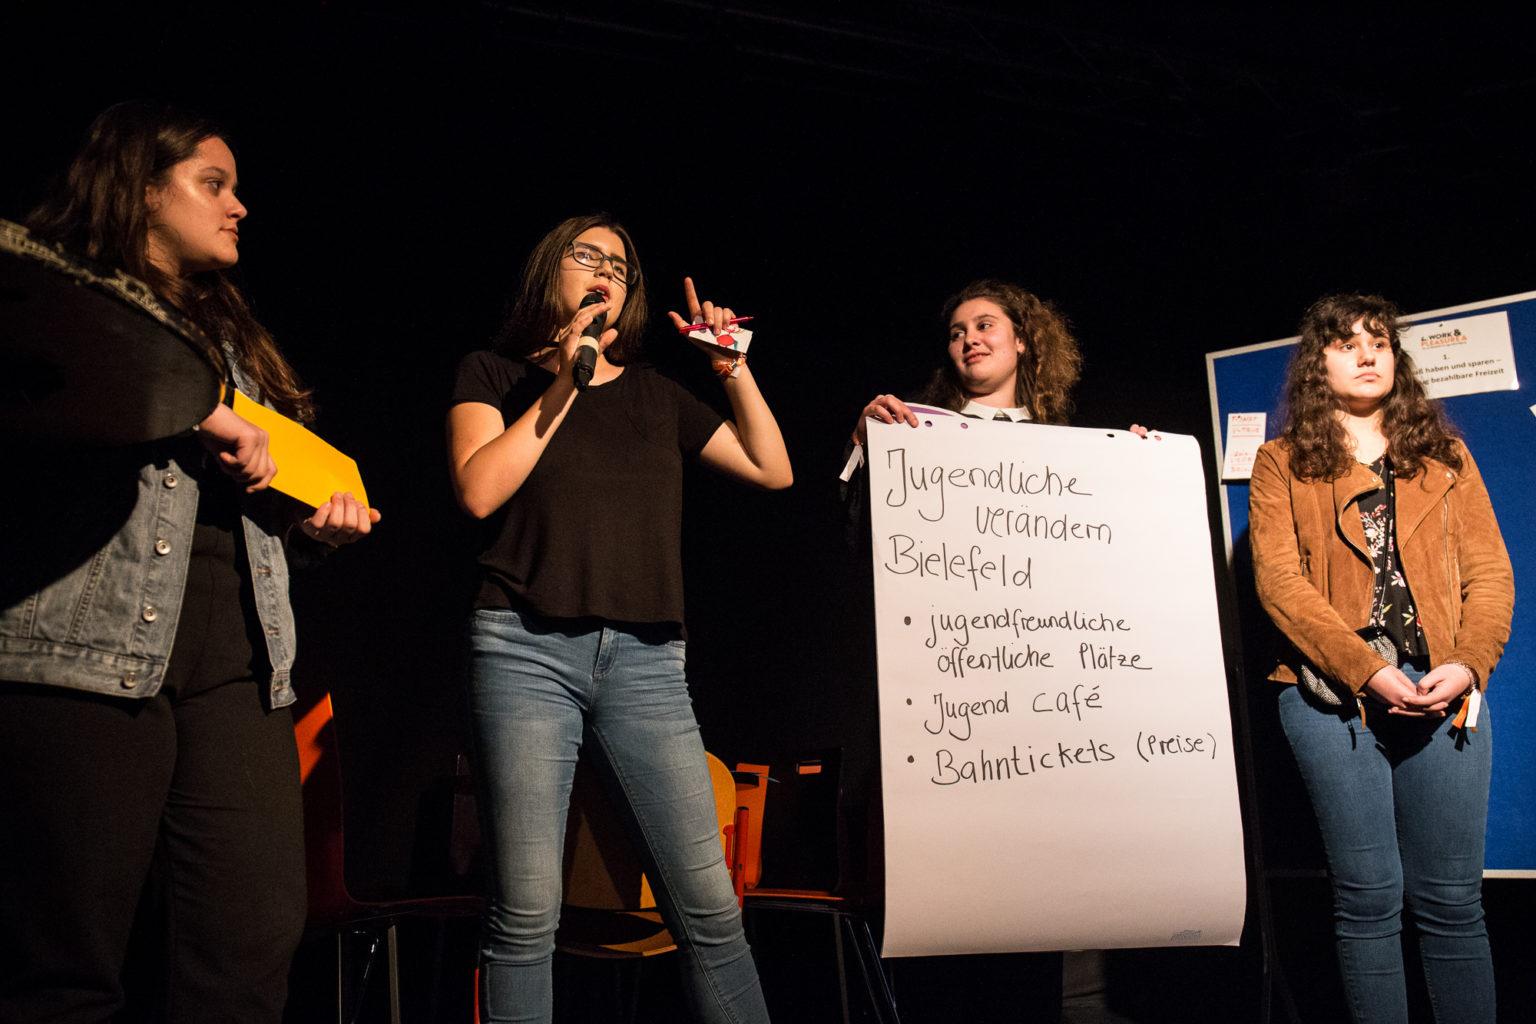 Jugendliche präsentieren Ergebnisse aus einem Beteiliguingsworkshop